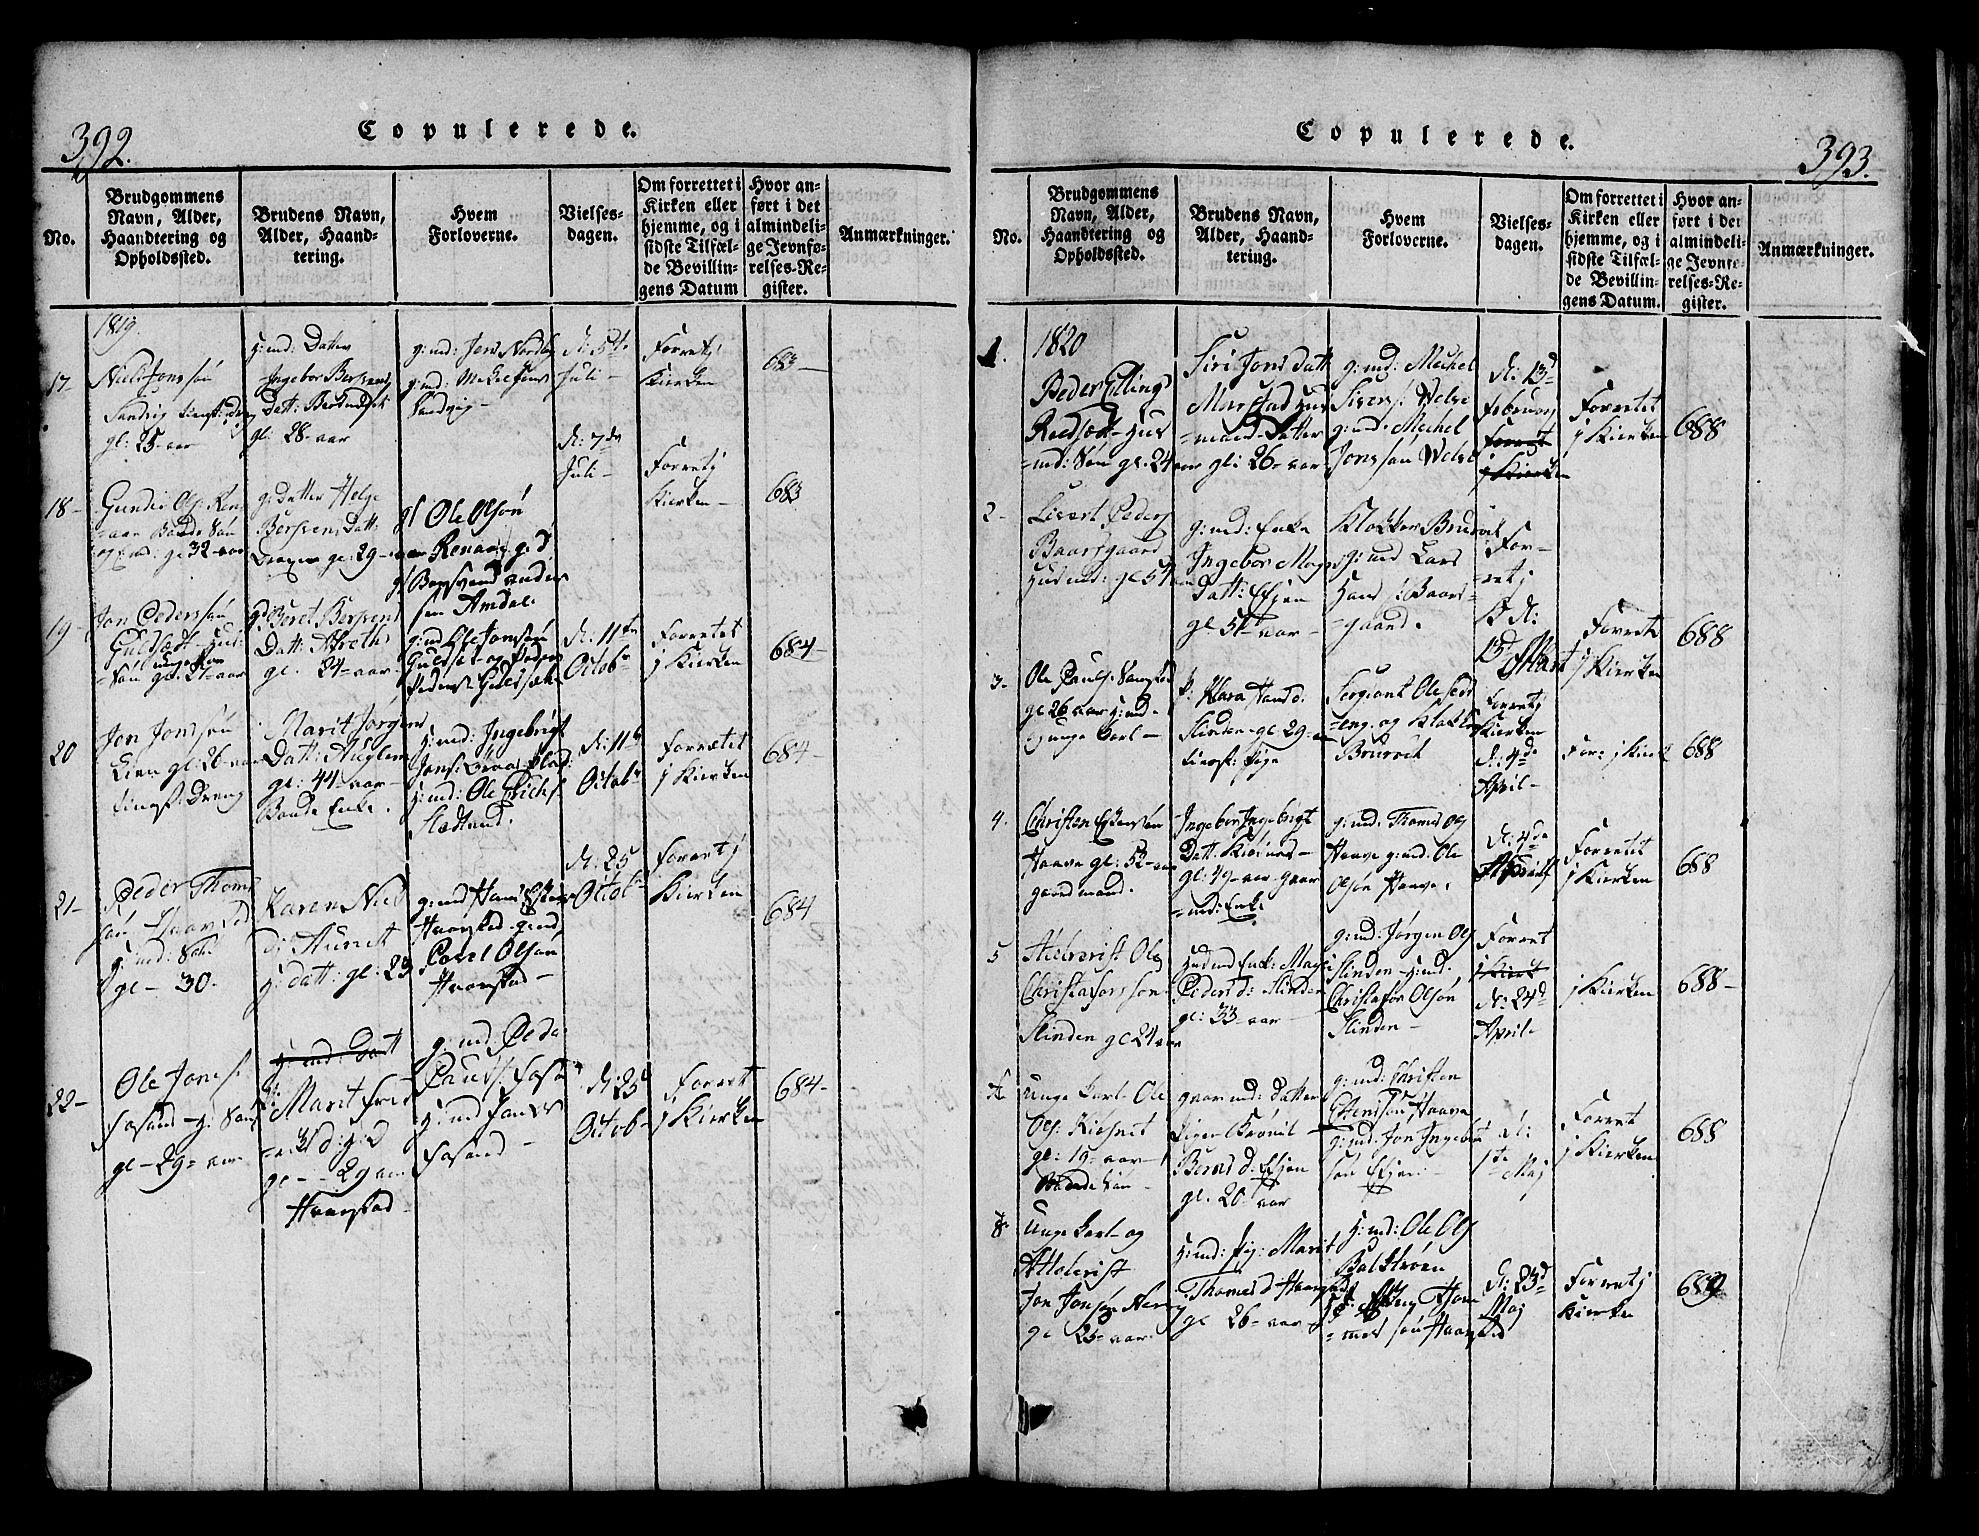 SAT, Ministerialprotokoller, klokkerbøker og fødselsregistre - Sør-Trøndelag, 695/L1152: Klokkerbok nr. 695C03, 1816-1831, s. 392-393